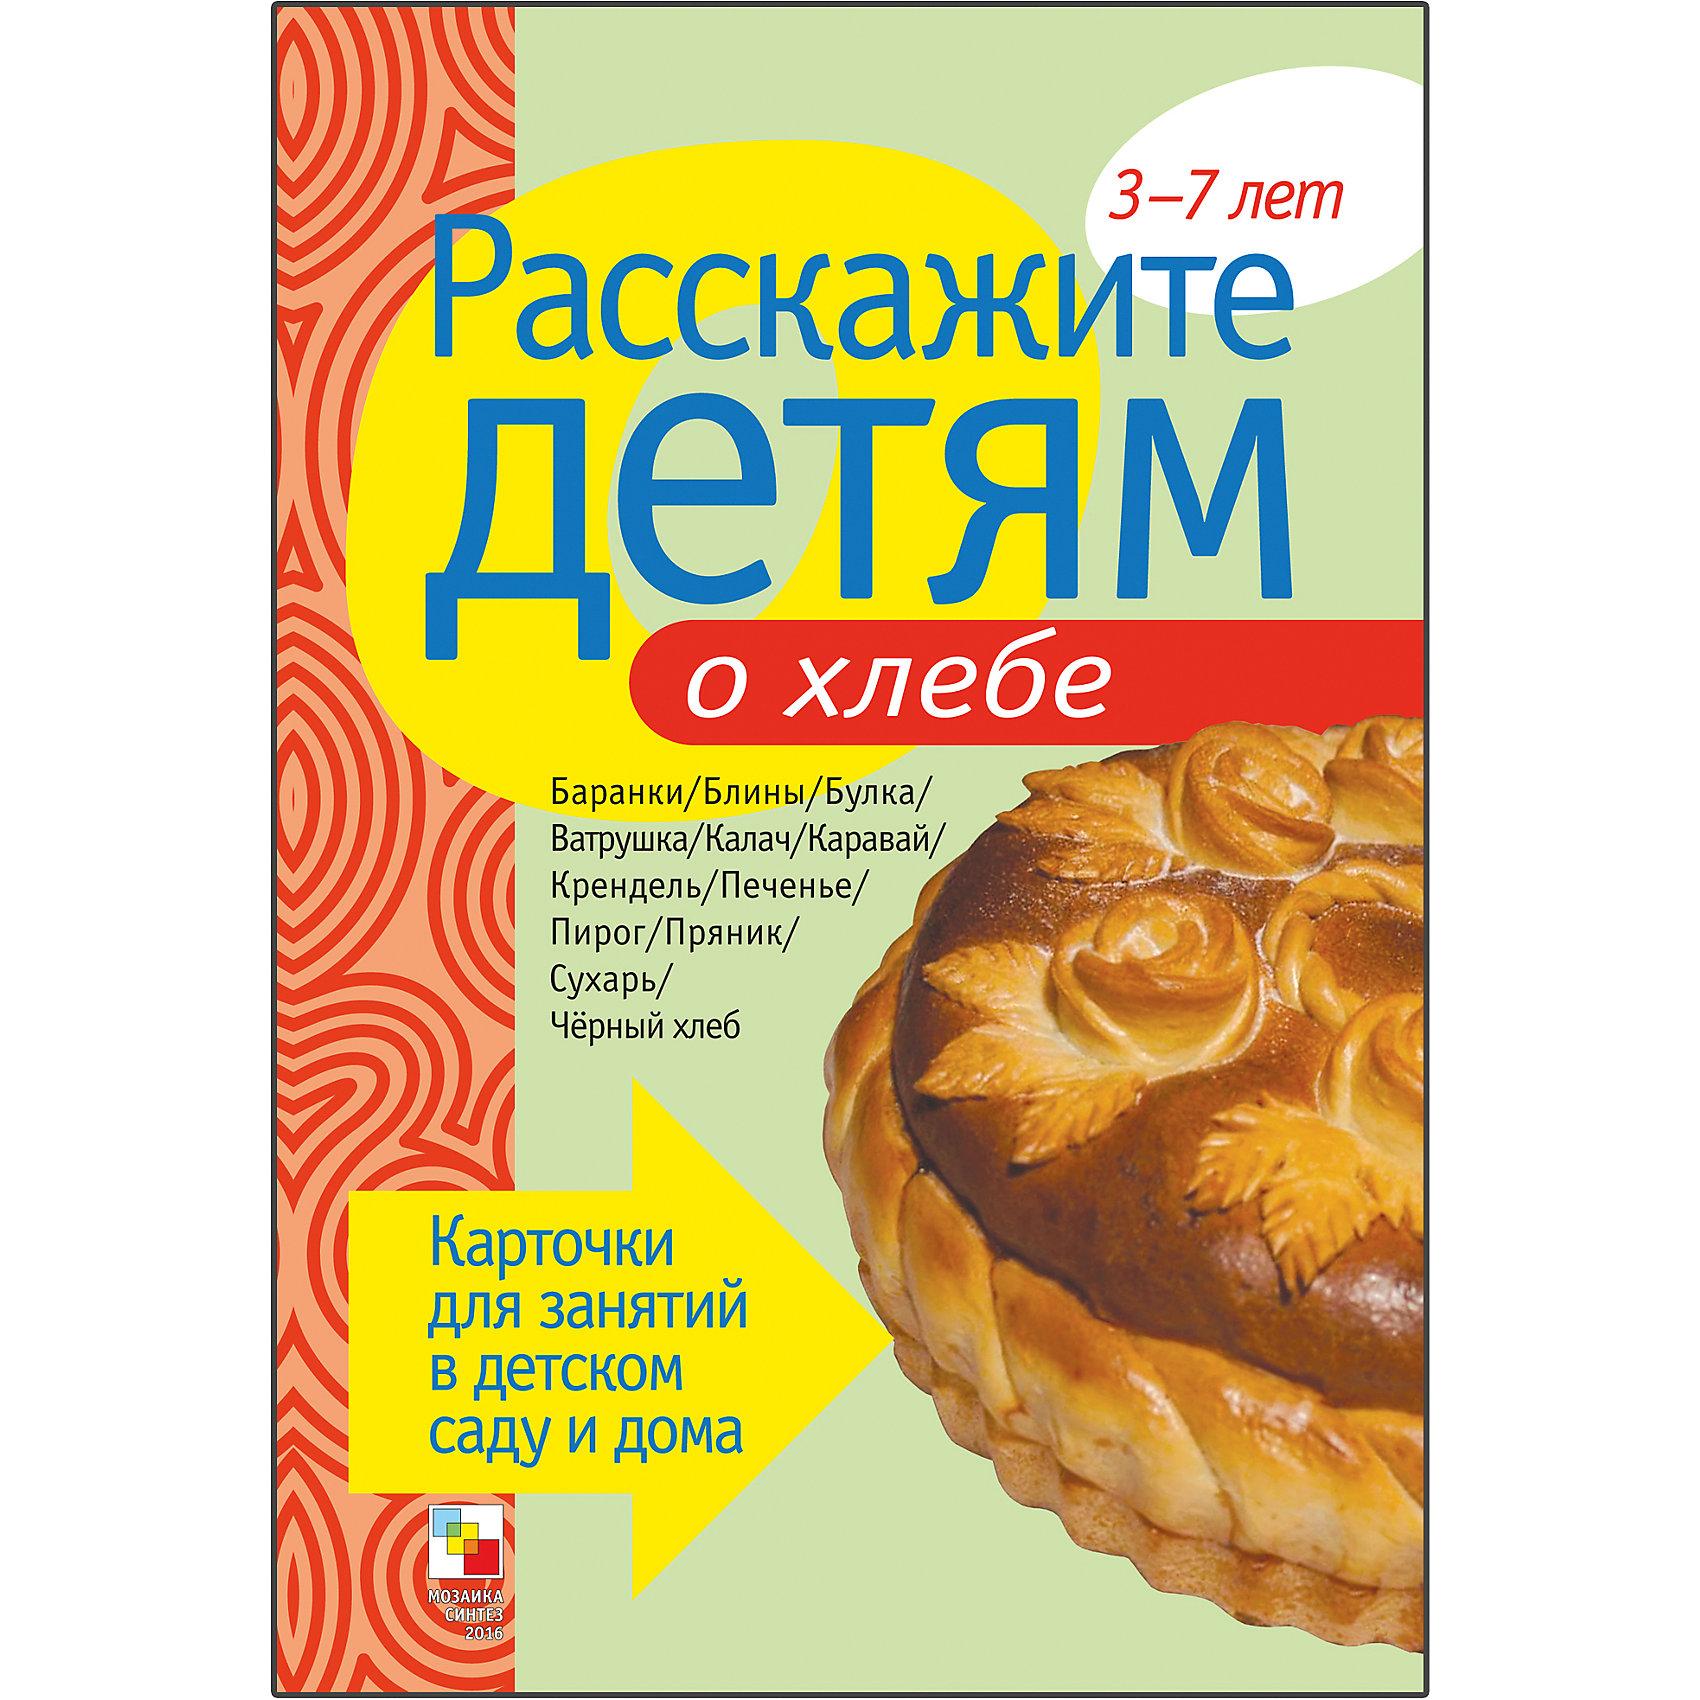 Карточки Расскажите детям о хлебе, Мозаика-СинтезРазвивающие игры<br>Пособие Расскажите детям о хлебе, Мозаика-Синтез<br><br>Характеристики:<br><br>• Издательство: МОЗАИКА-СИНТЕЗ<br>• ISBN: 9785867758097<br>• Тип: папка с карточками, обложка твердая.<br>• Возраст: от 3-7 лет.<br>• Размер книги: 210х150х5 мм.<br>• Количество страниц: 12<br><br>Пособие с яркими четкими картинками поможет Вам рассказать малышам о хлебе. Они узнают много нового и интересного об одном из самых древних и популярных мучных изделий – блинах, а также о калачах, печенье, традиционных русских баранках и о многих других вкусных изделиях. <br><br>На оборотной стороне карточек содержатся необходимые сведения, стихи, поговорки и загадки о них. Эта информация поможет сделать ваш рассказ увлекательным и познавательным для каждого малыша.<br><br>Пособие Расскажите детям о хлебе, Мозаика-Синтез, можно купить в нашем интернет – магазине.<br><br>Ширина мм: 5<br>Глубина мм: 150<br>Высота мм: 210<br>Вес г: 114<br>Возраст от месяцев: 36<br>Возраст до месяцев: 84<br>Пол: Унисекс<br>Возраст: Детский<br>SKU: 5428929